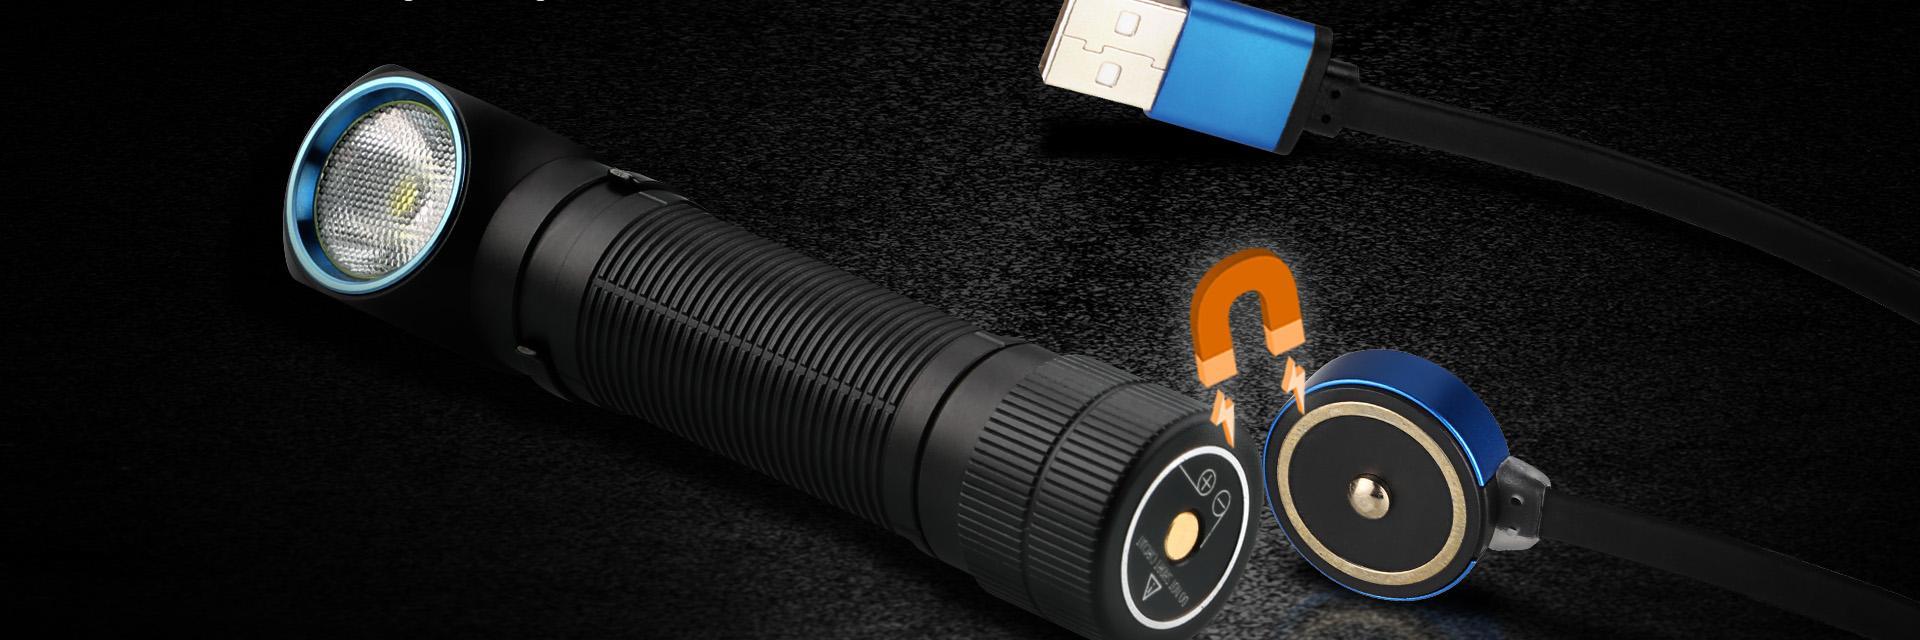 18650Carnet Traileur Batterie Ultra Trail De Du À D'un Frontales Nord vwON0yP8nm